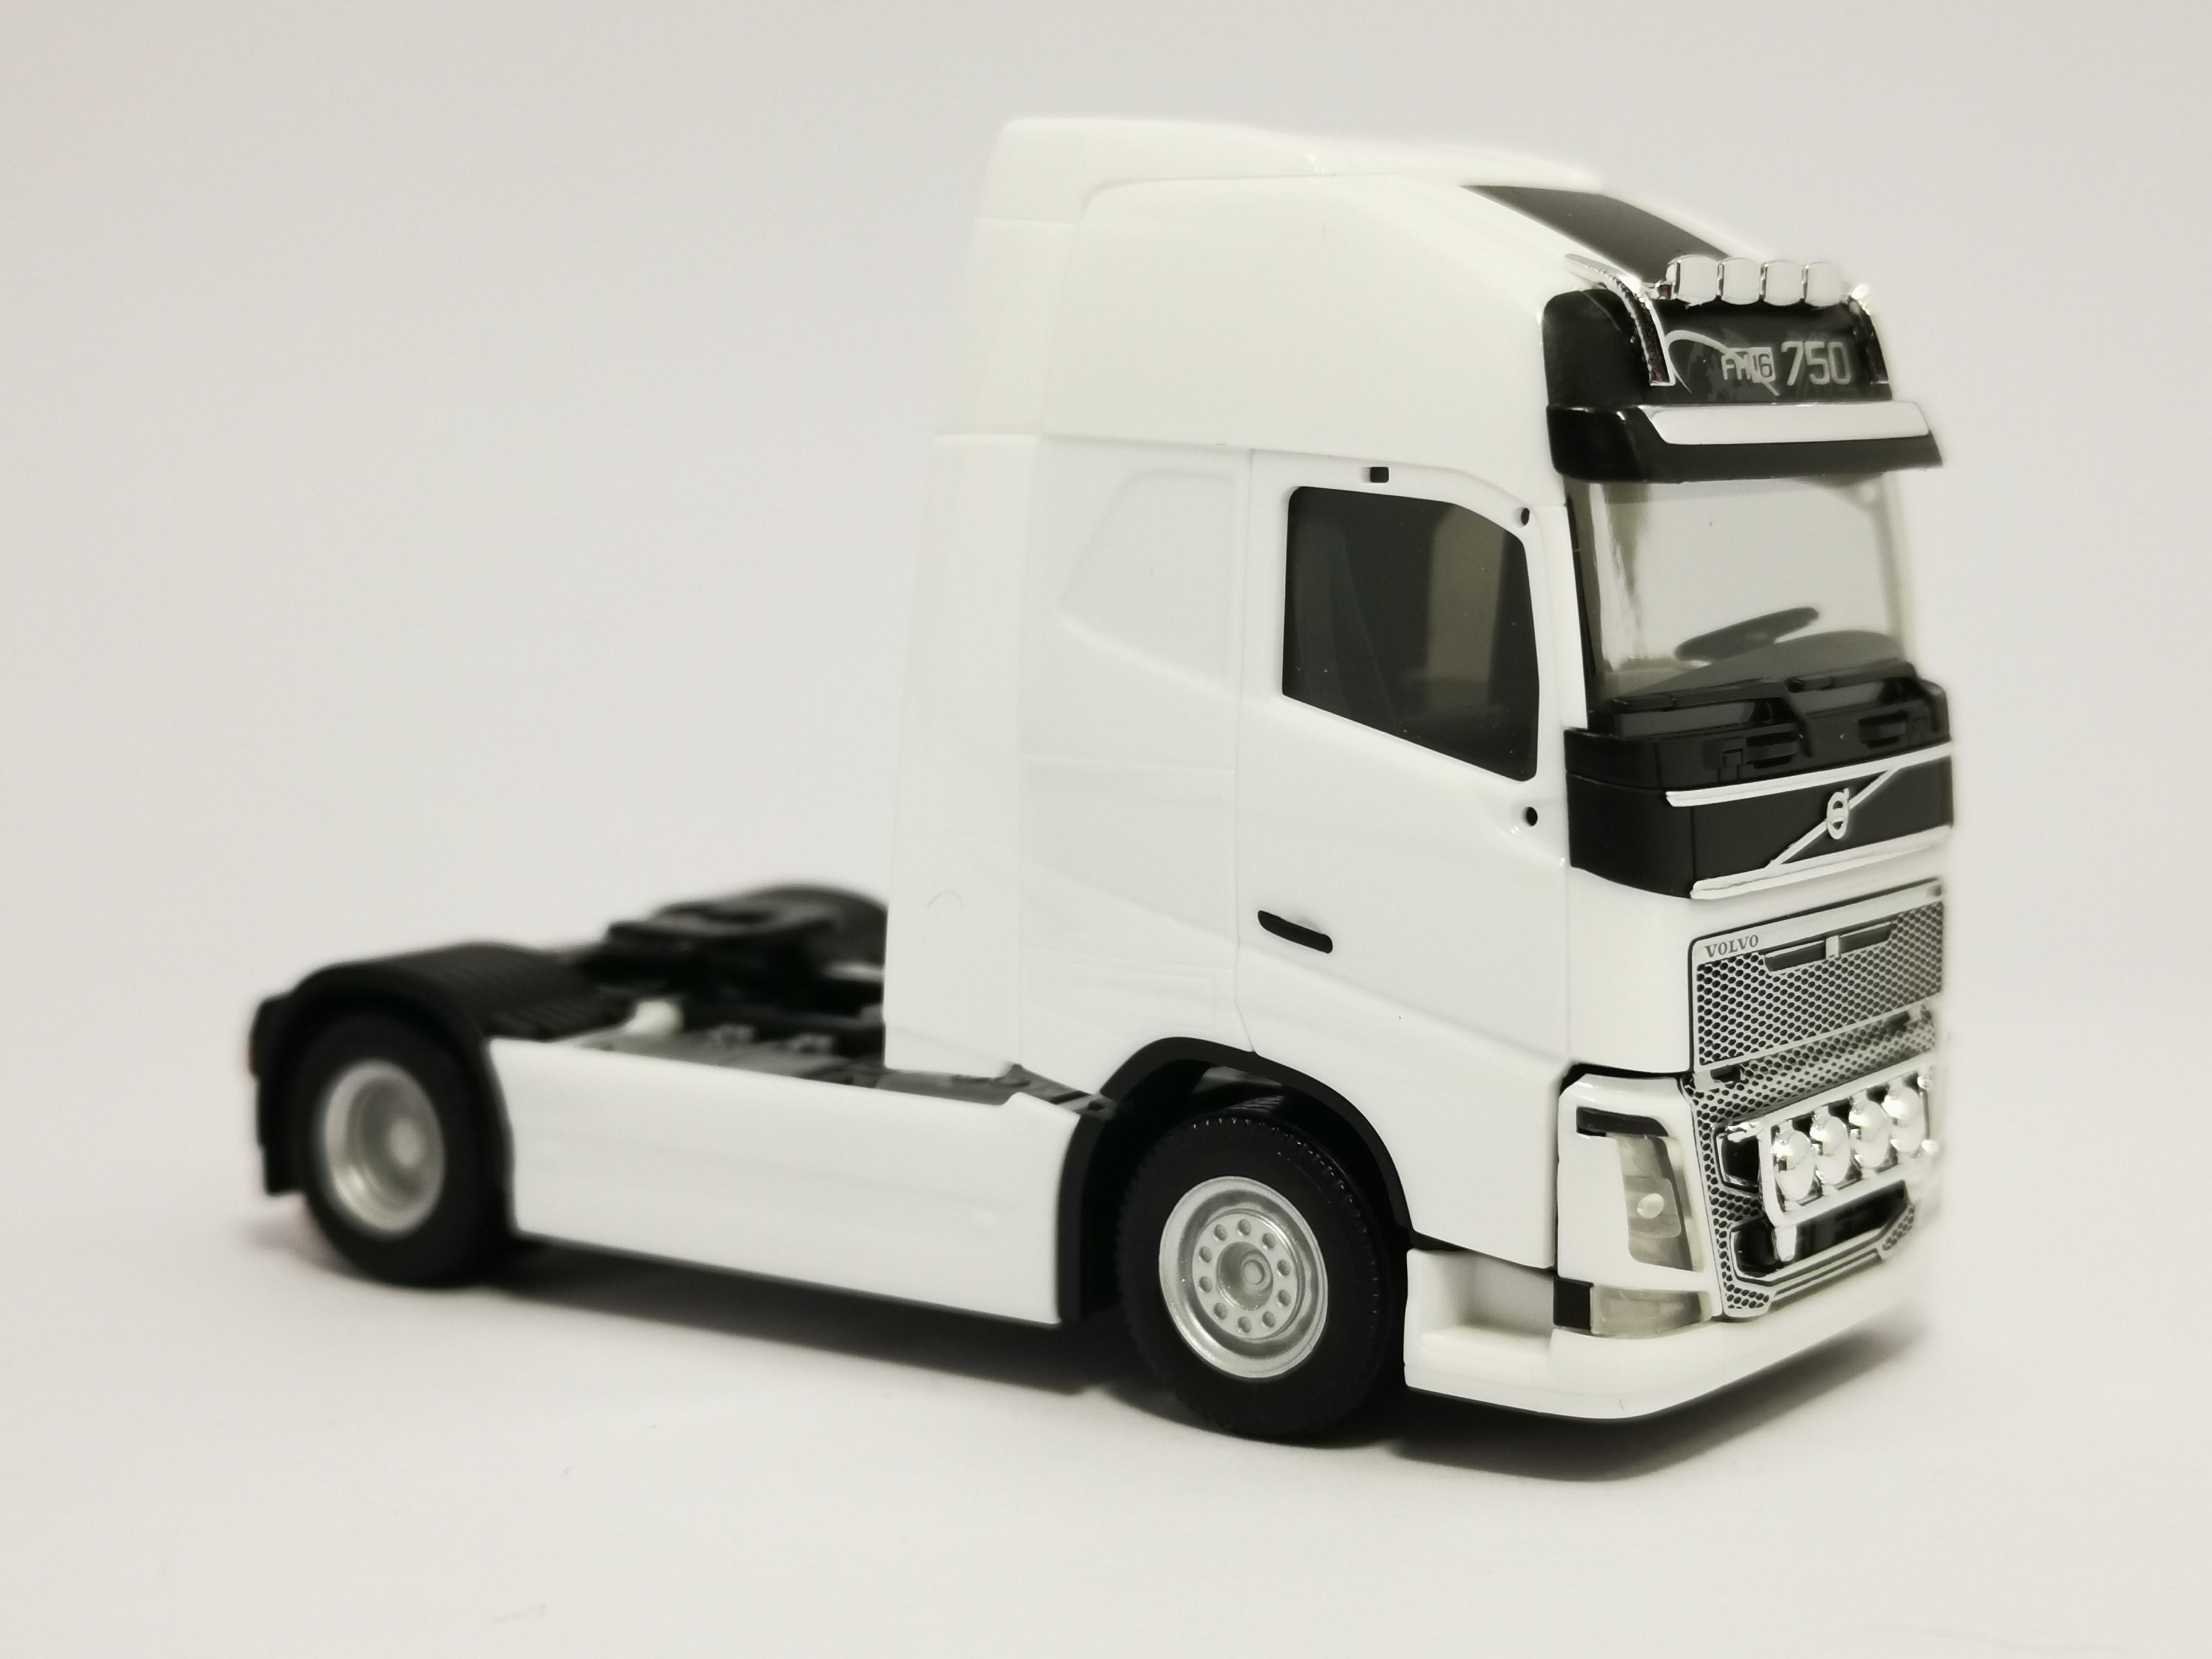 304047-004 //HN441 XL Zugmaschine weiß Nr Herpa Volvo FH 16 Gl